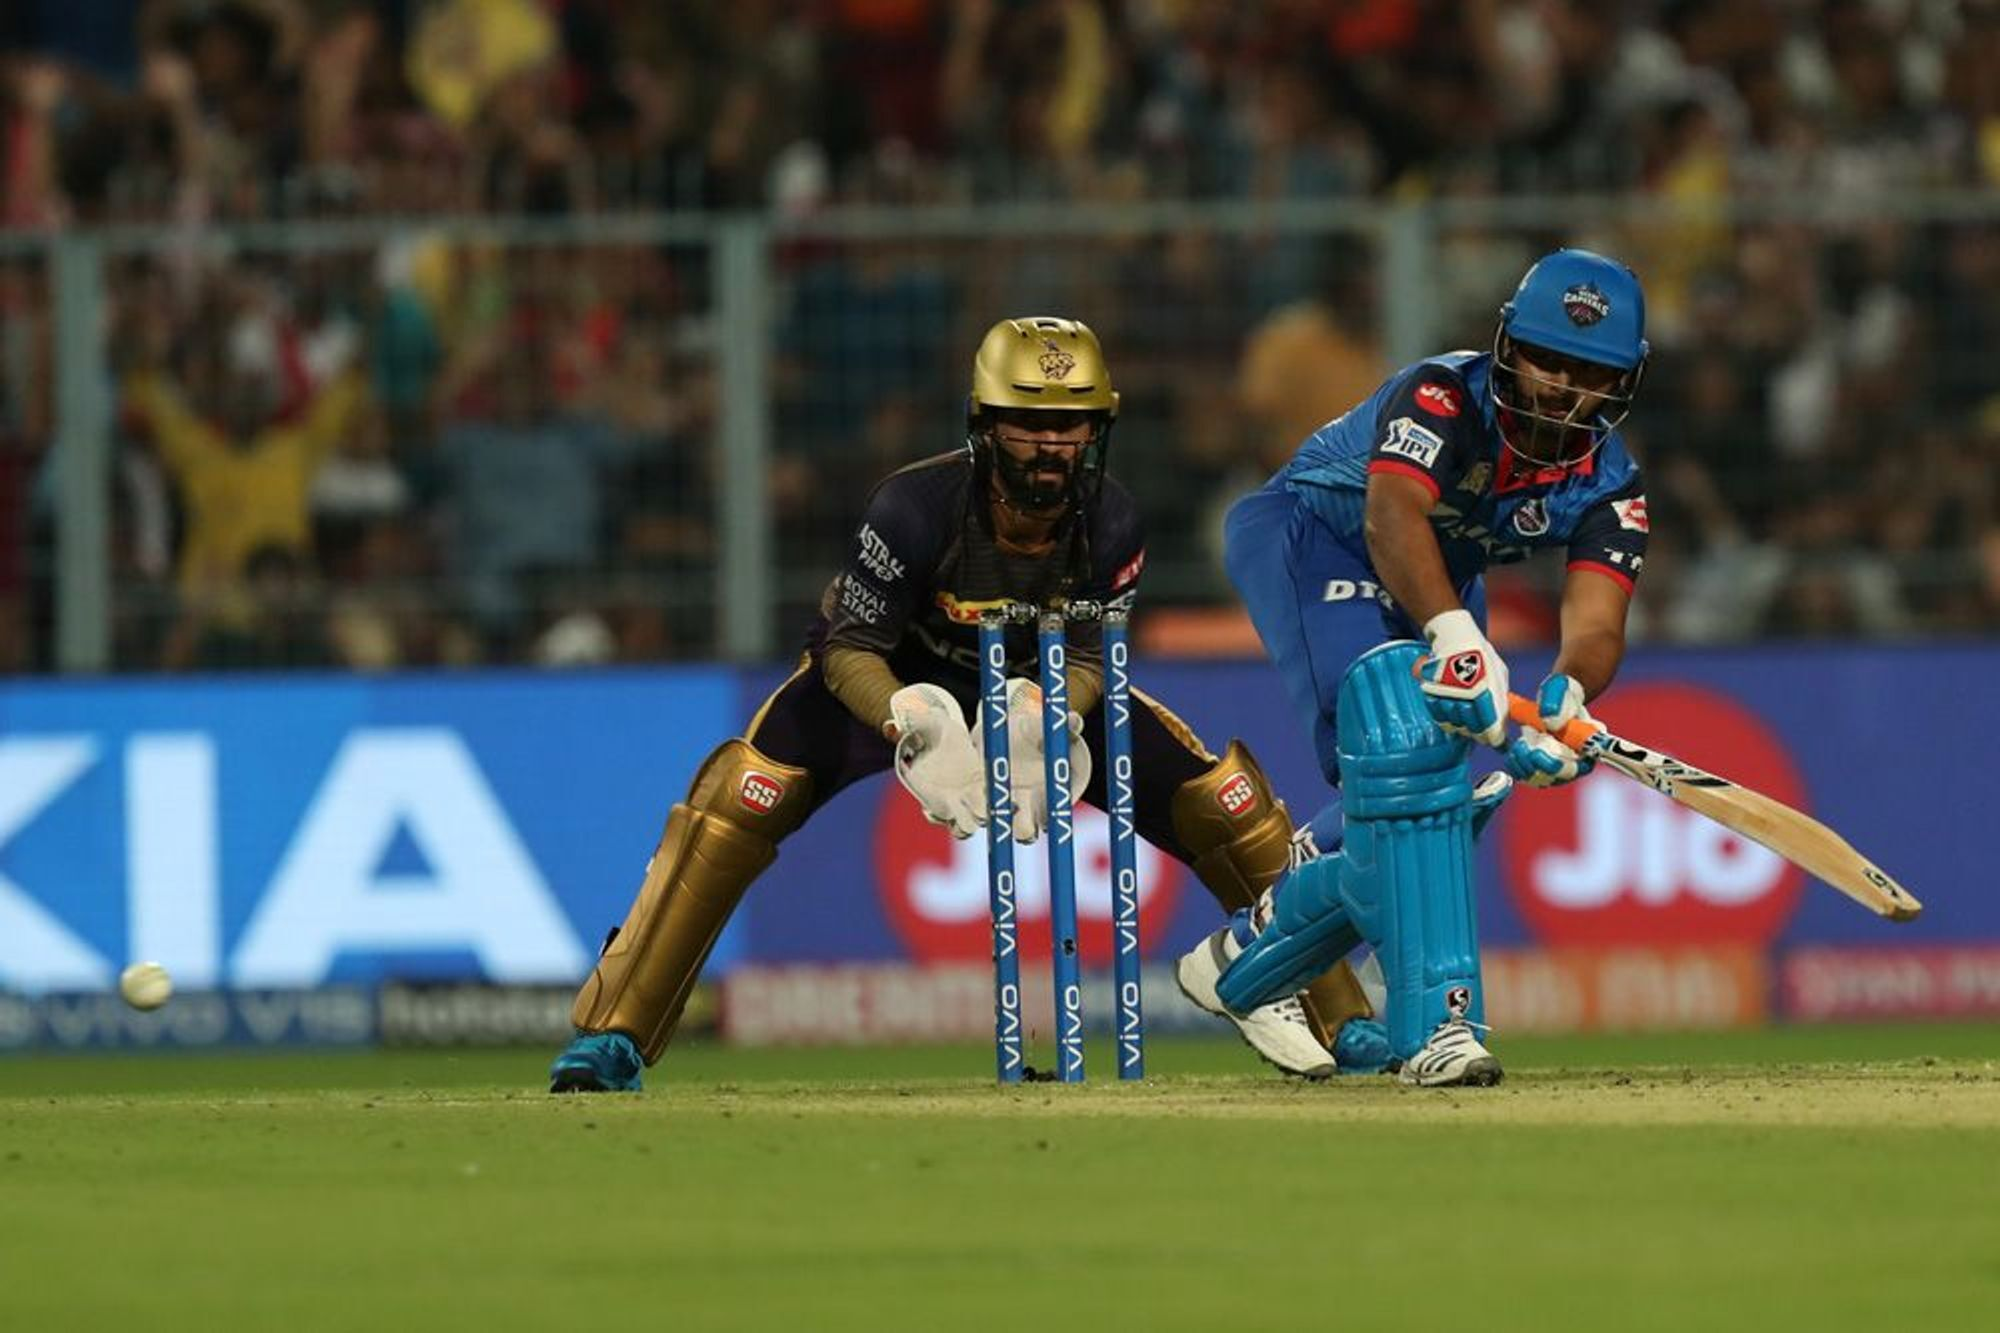 KKRvsDC : मैच के बाद ऋषभ पंत ने बताया विकेट होने के बाद भी क्यों अंत तक की धीमी बल्लेबाजी 5